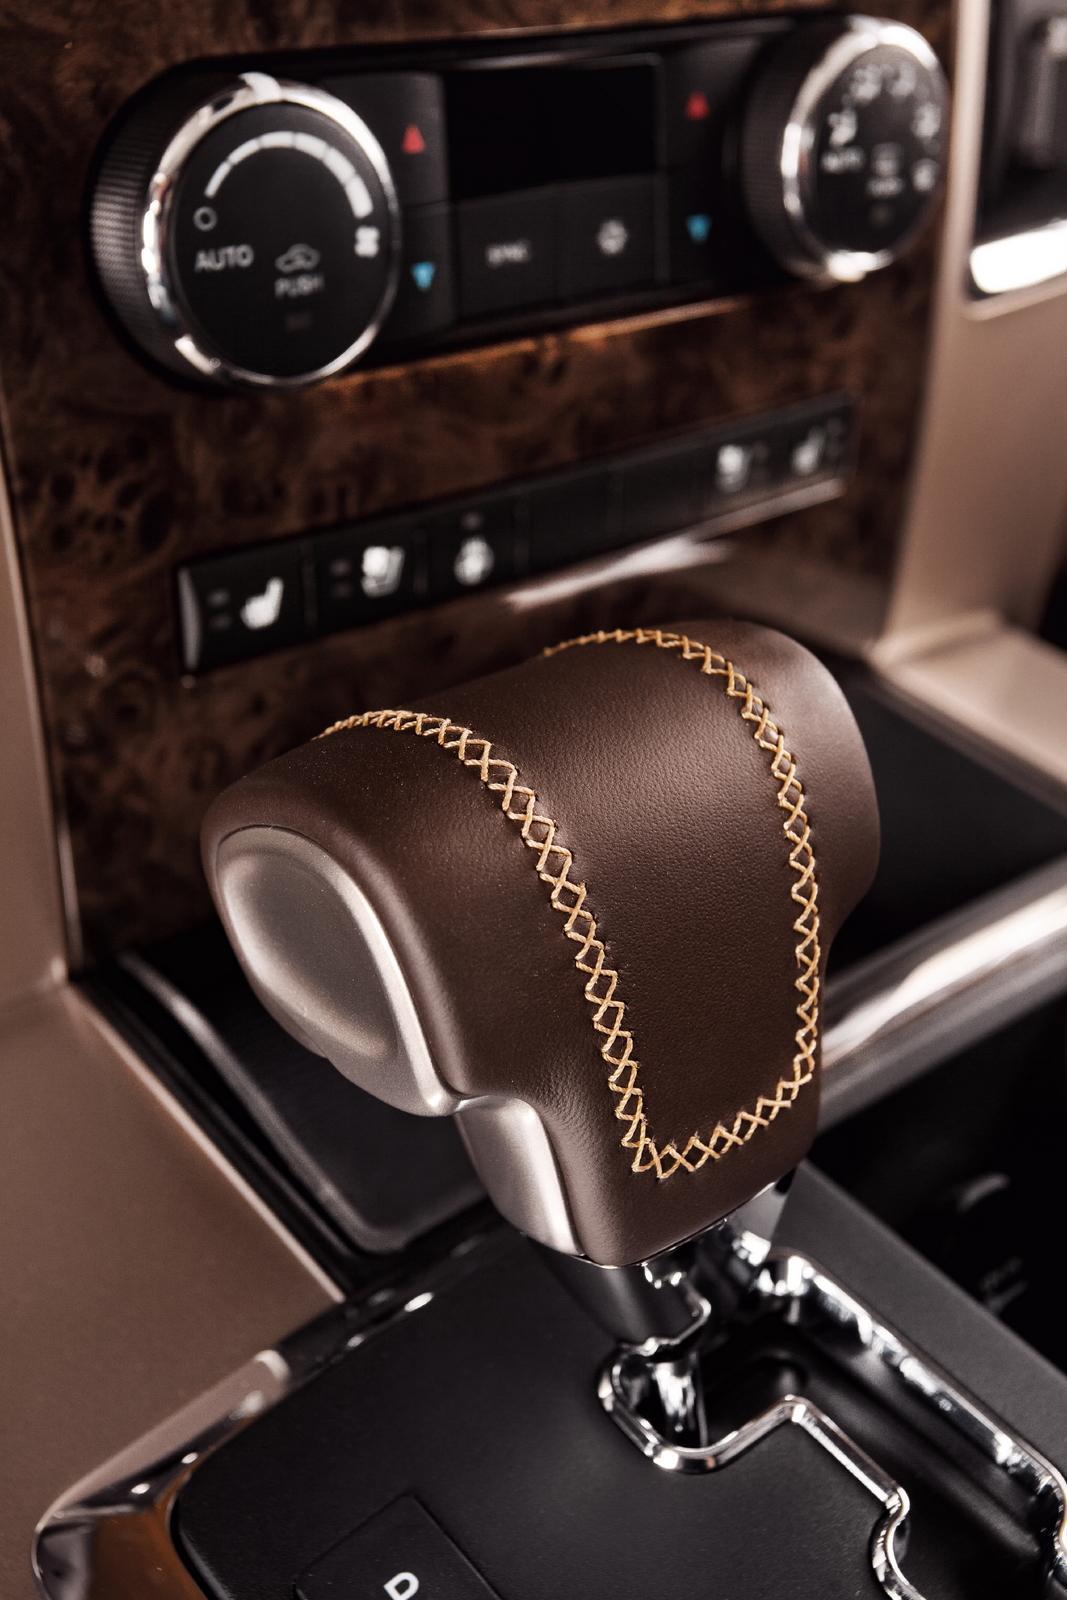 Dodge ram laramie longhorn edition